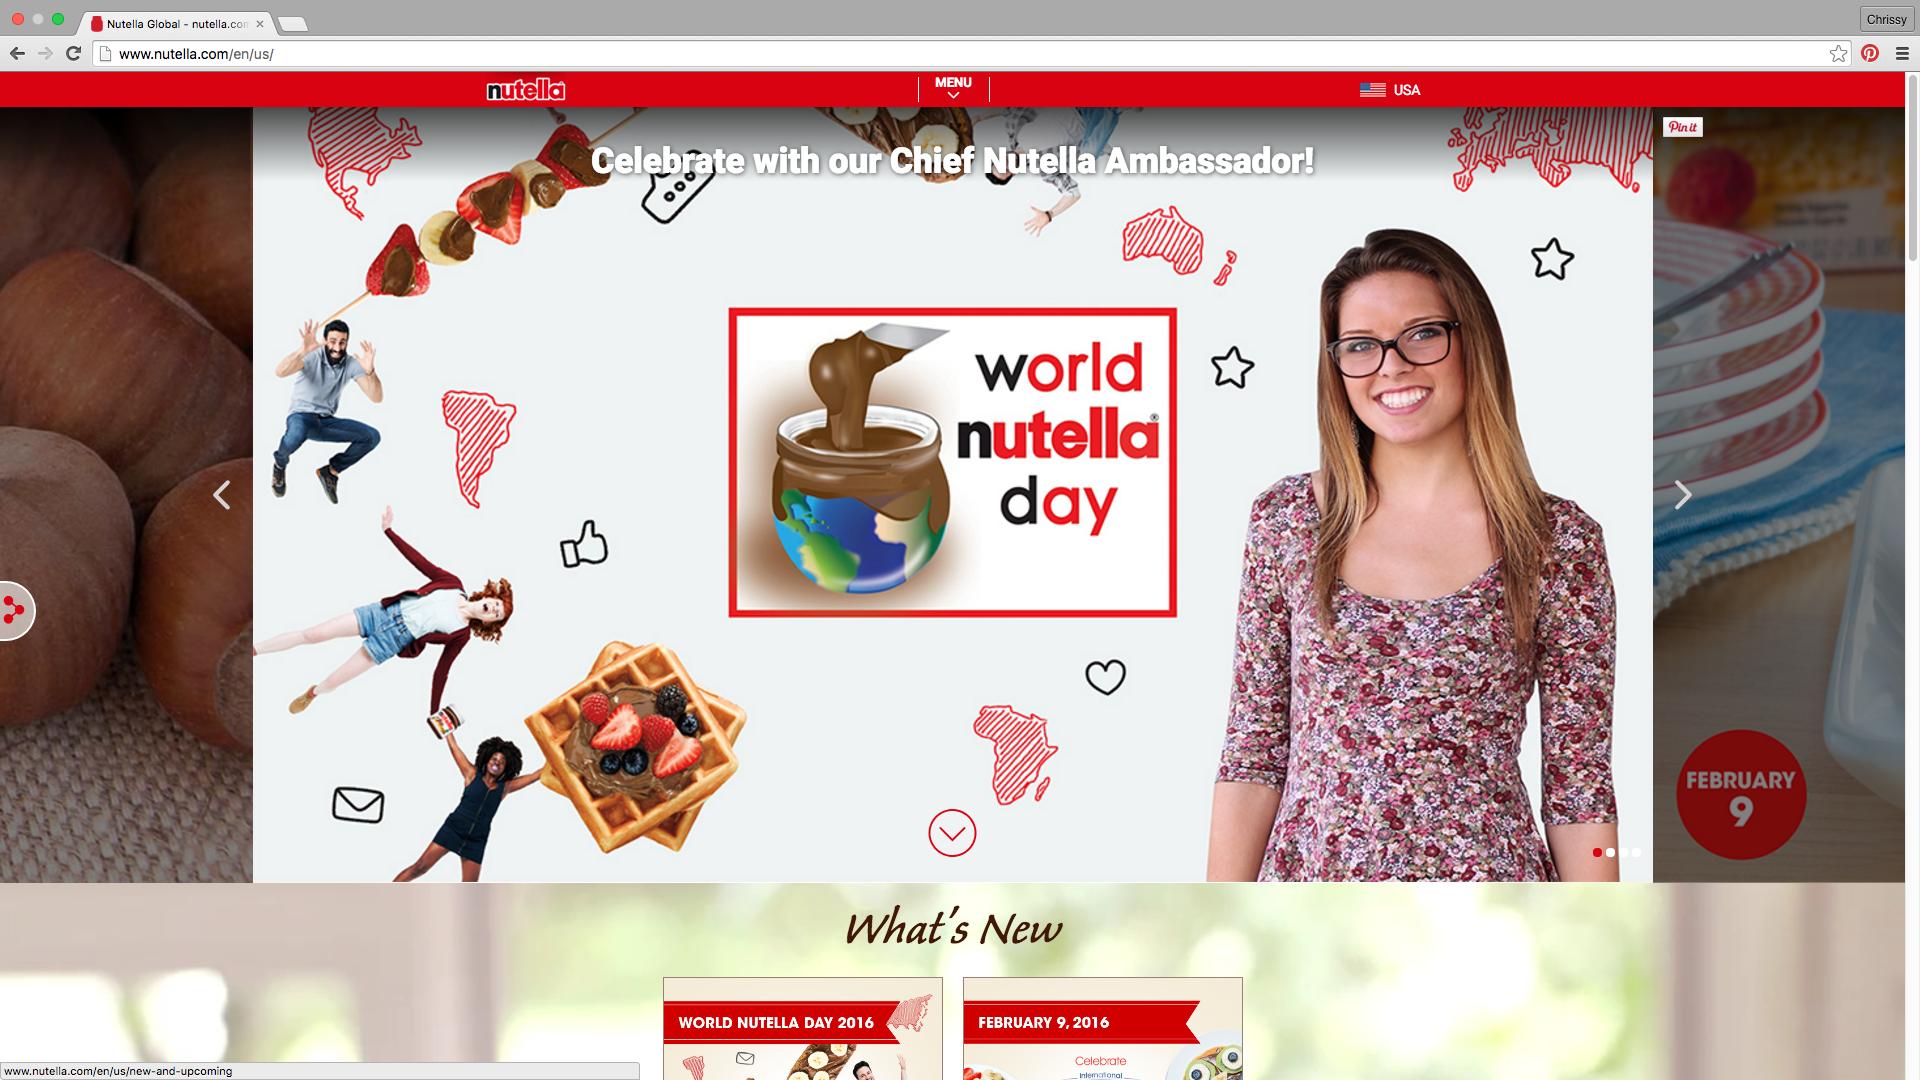 nutella-homepage global.png